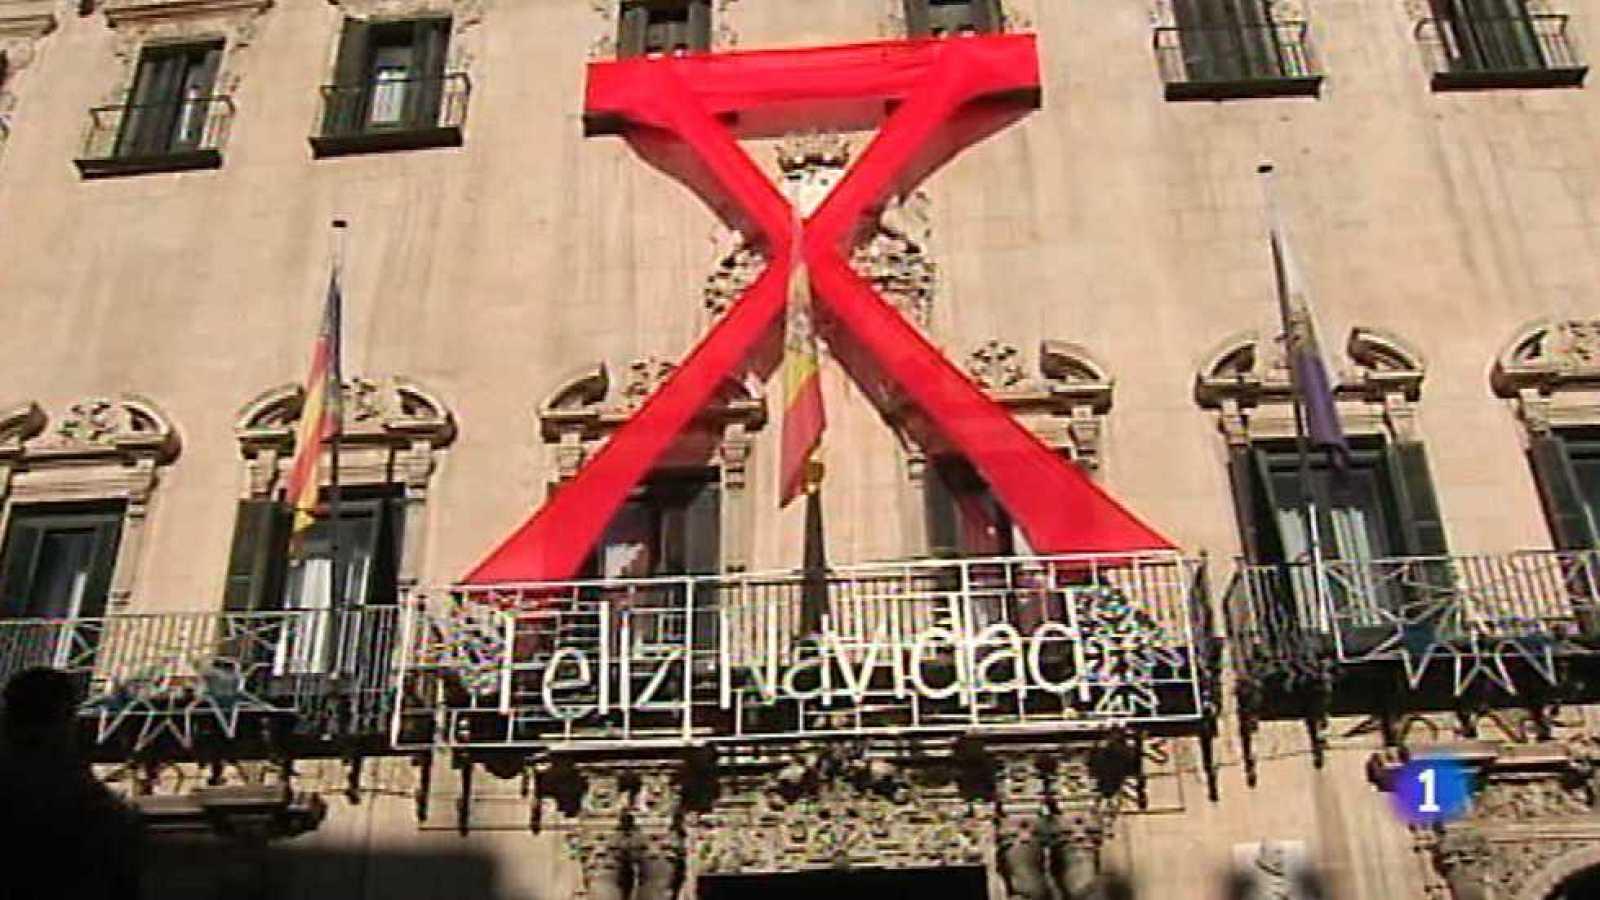 L'Informatiu - Comunitat Valenciana - 01/12/15 - Ver ahora